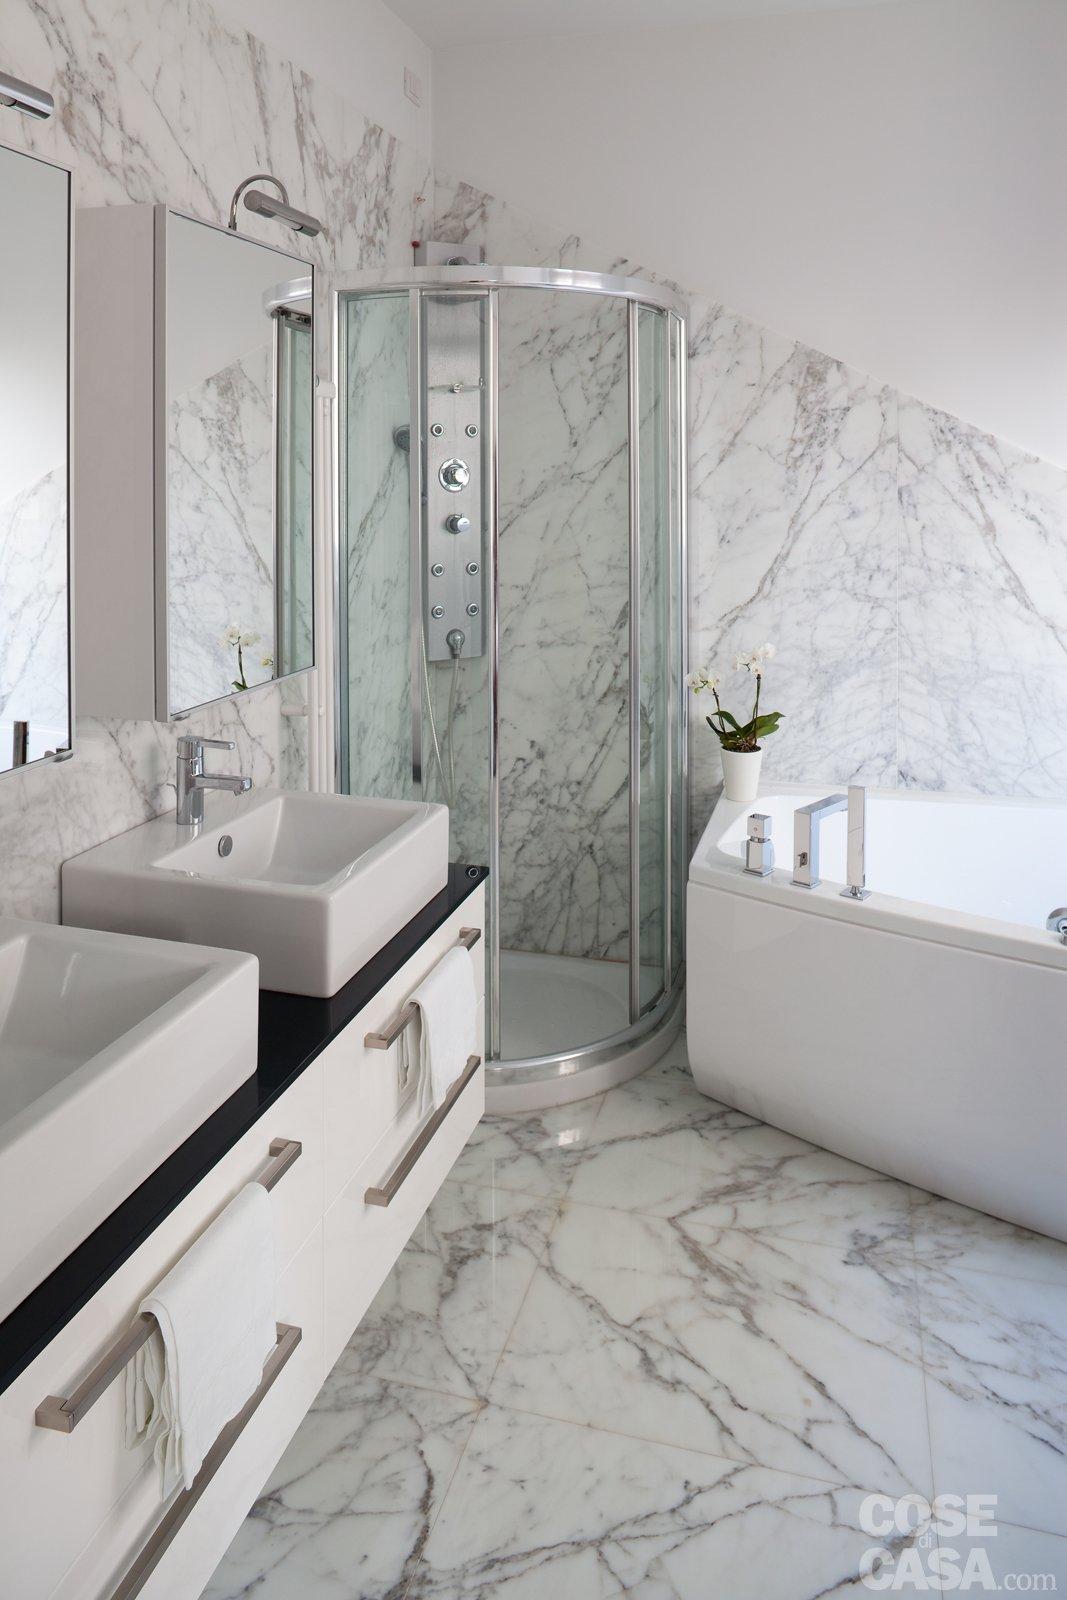 Forum Arredamento.it •disposizione bagno con vasca e doccia